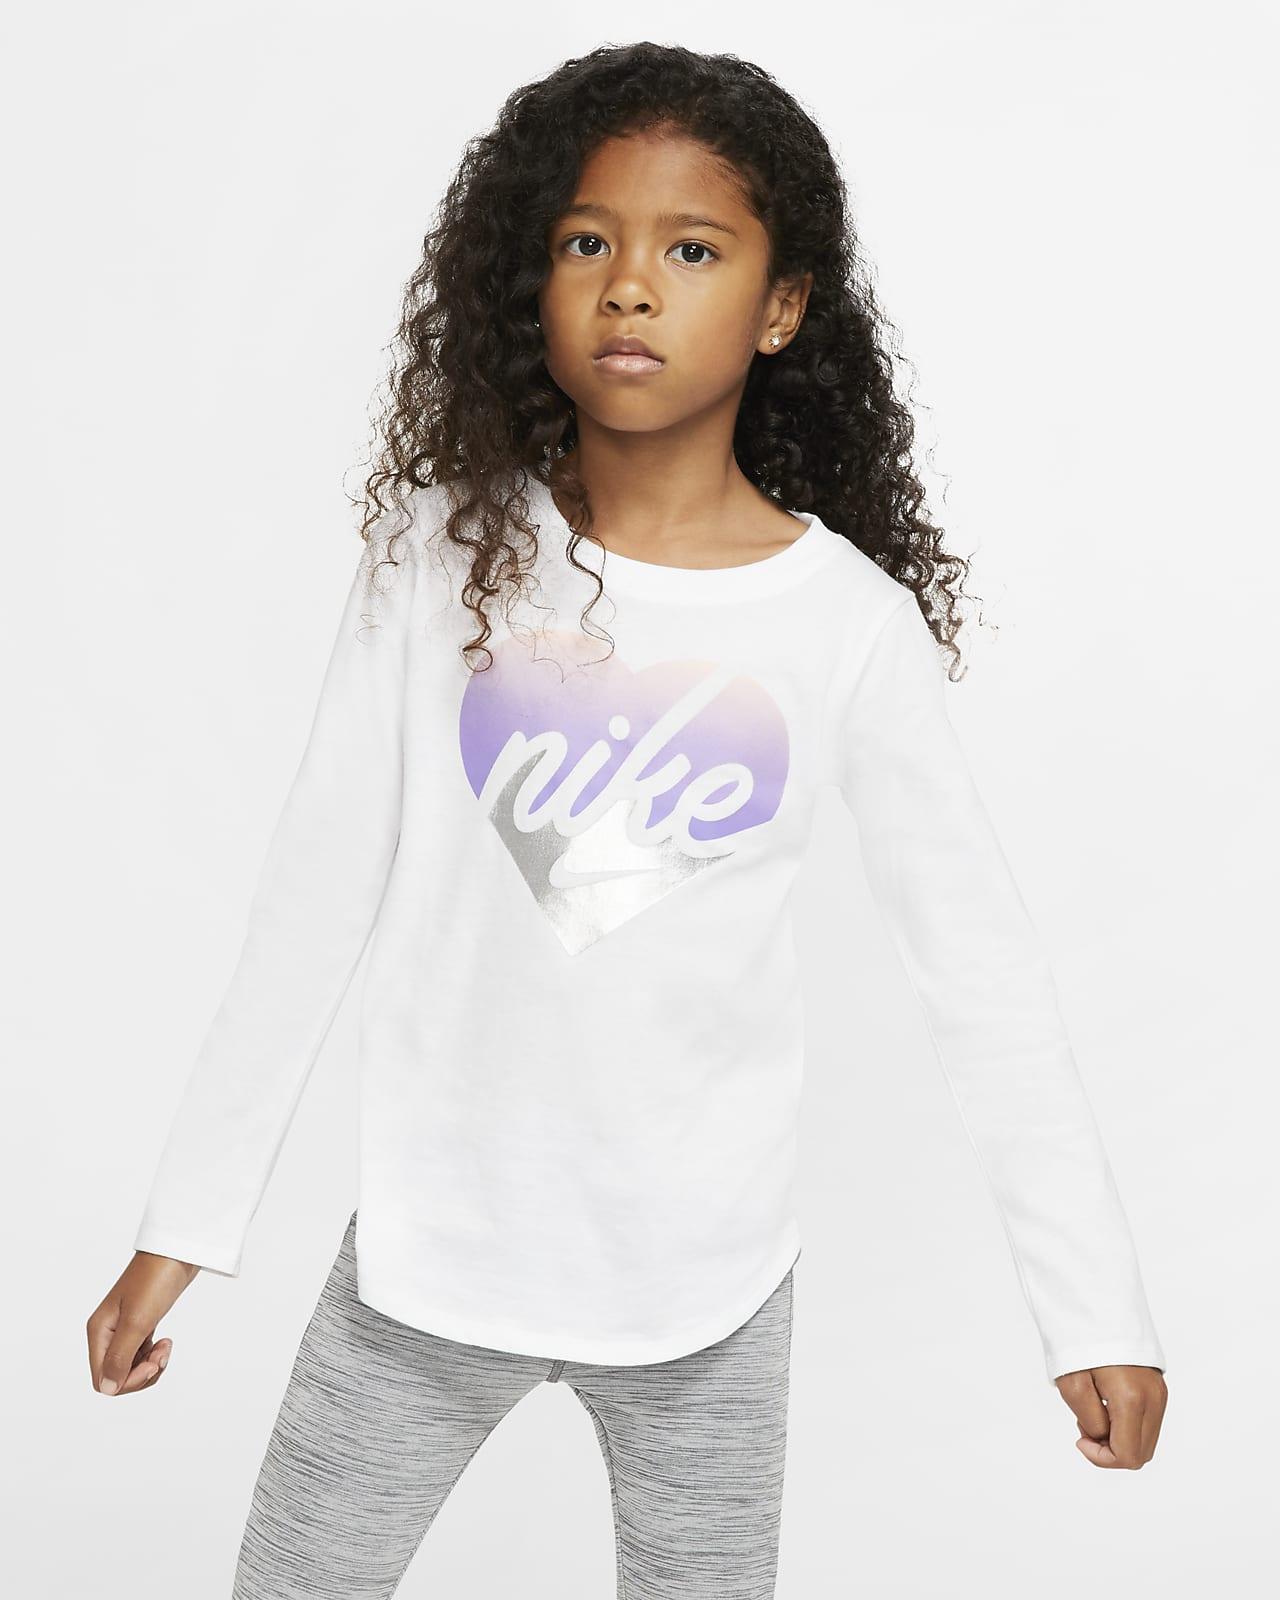 Långärmad t-shirt Nike för barn